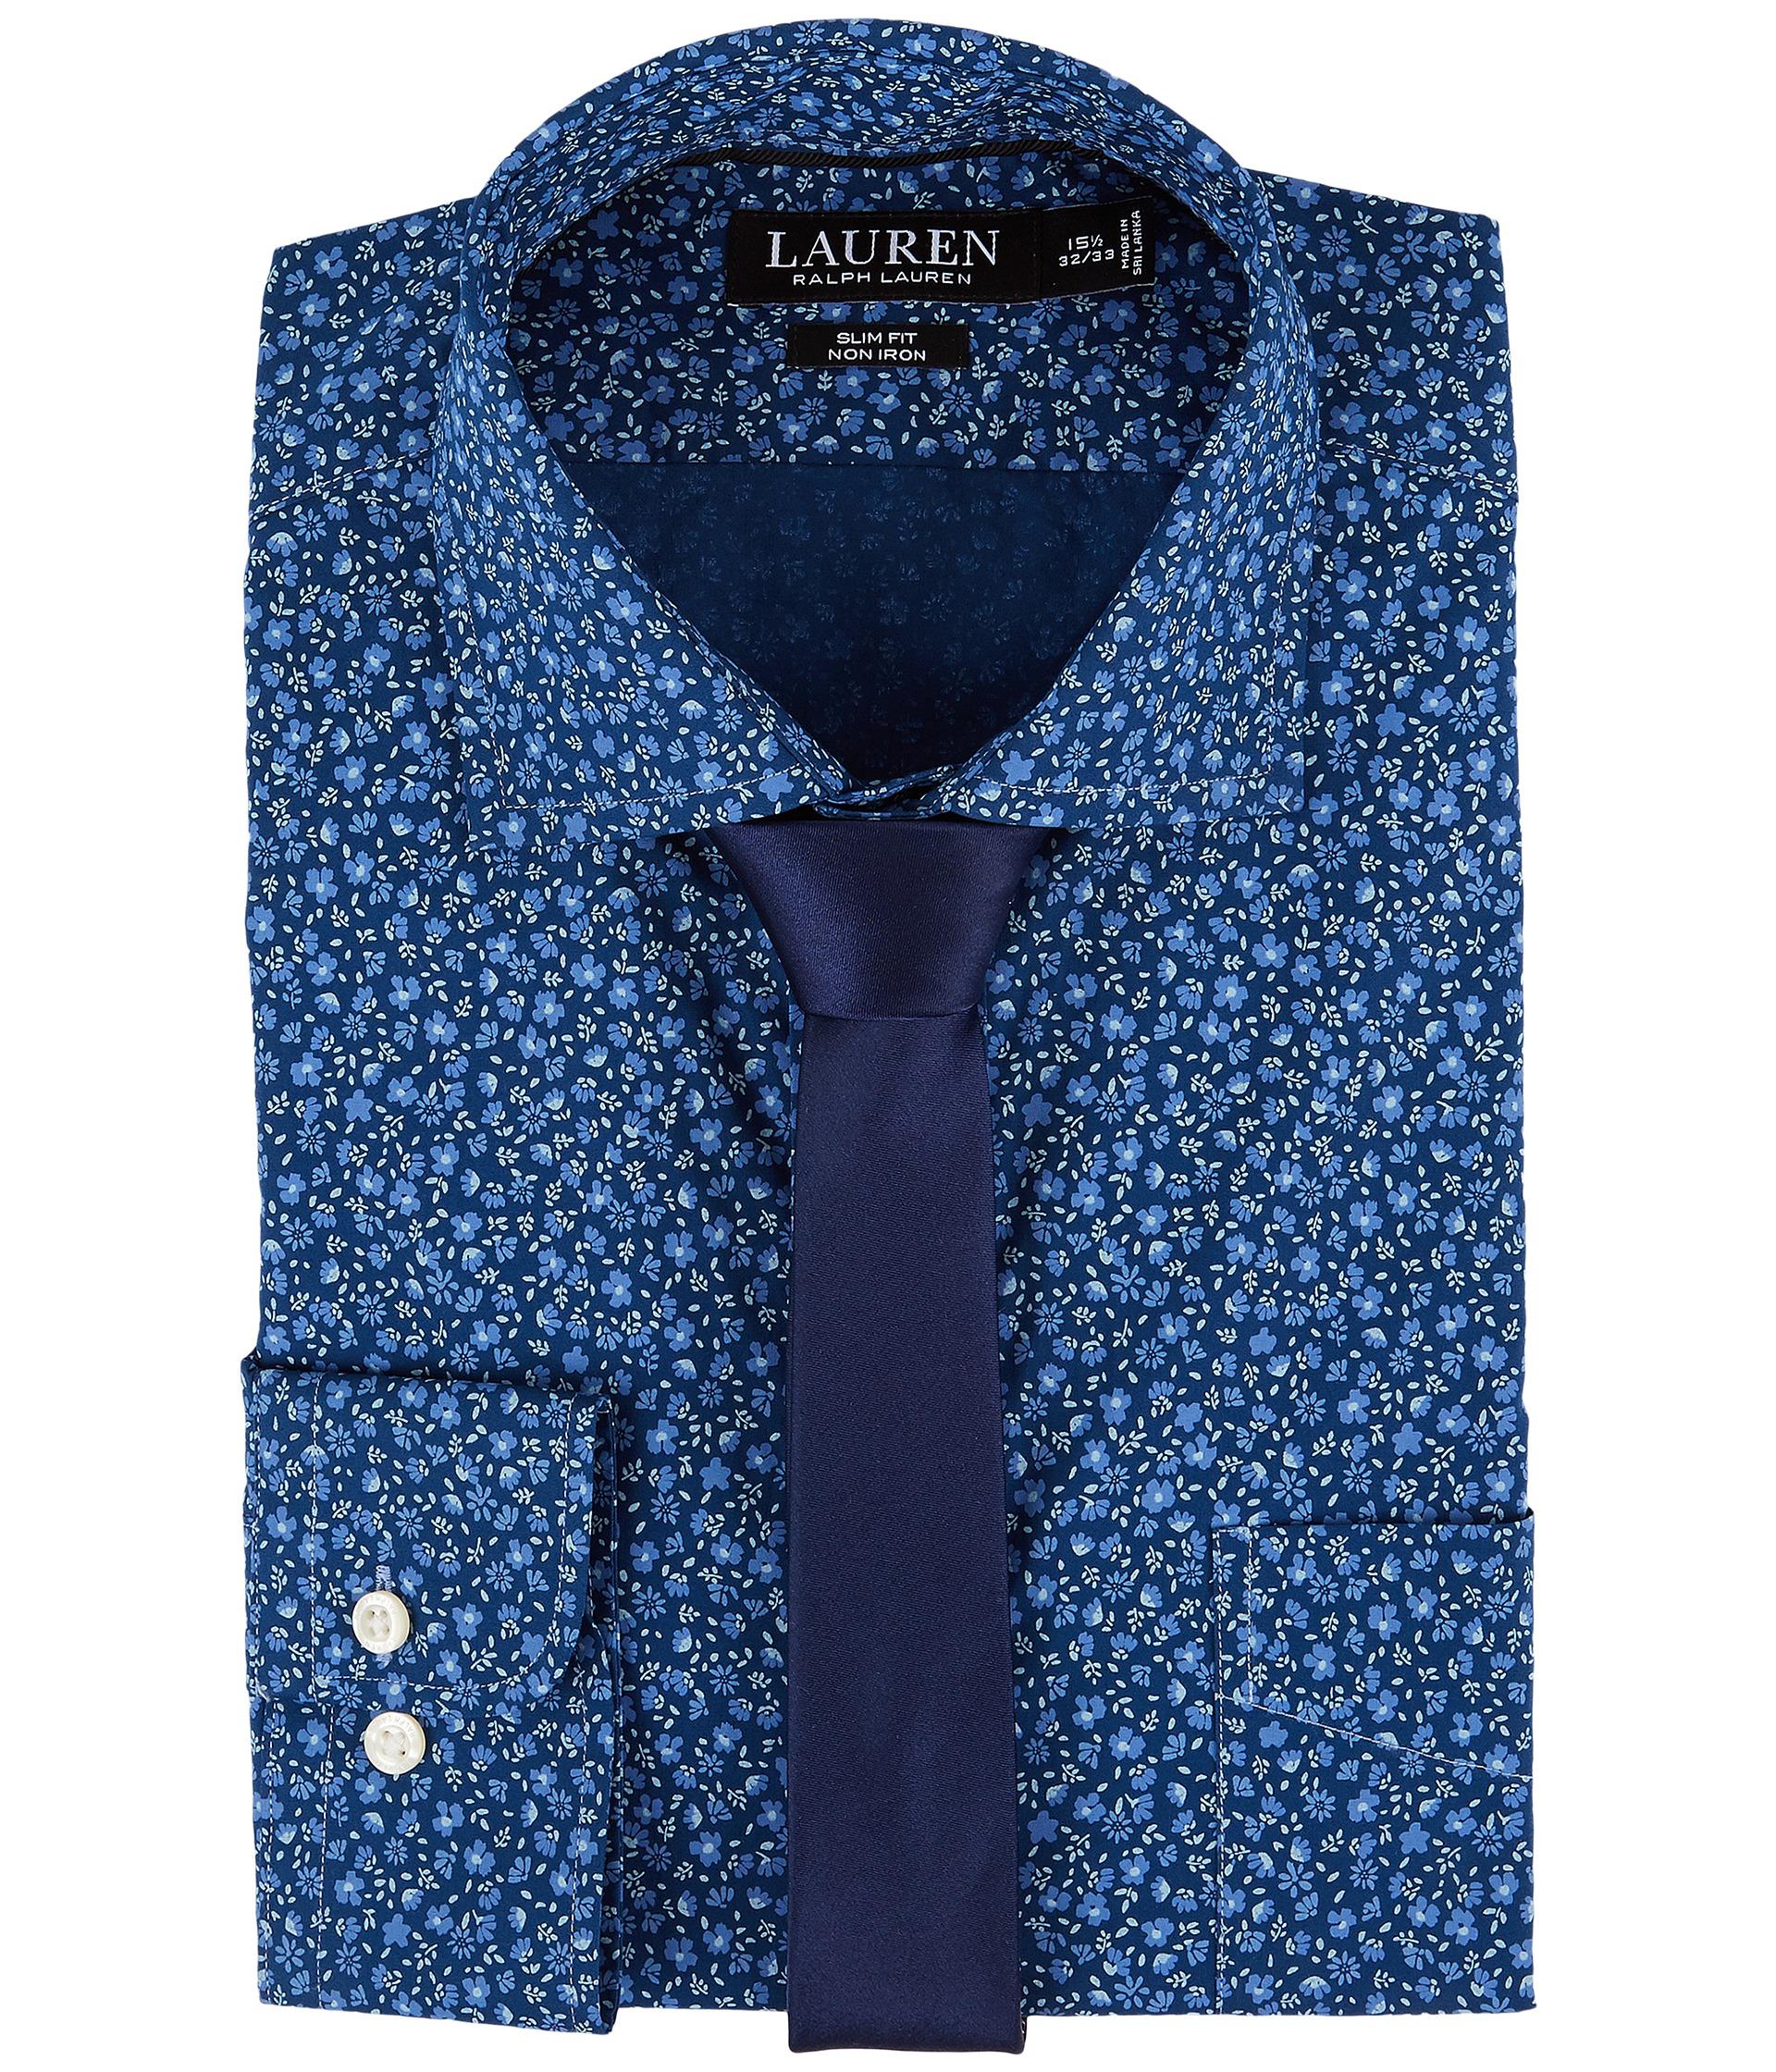 Lauren ralph lauren slim fit non iron floral dress shirt for Non iron slim fit dress shirts